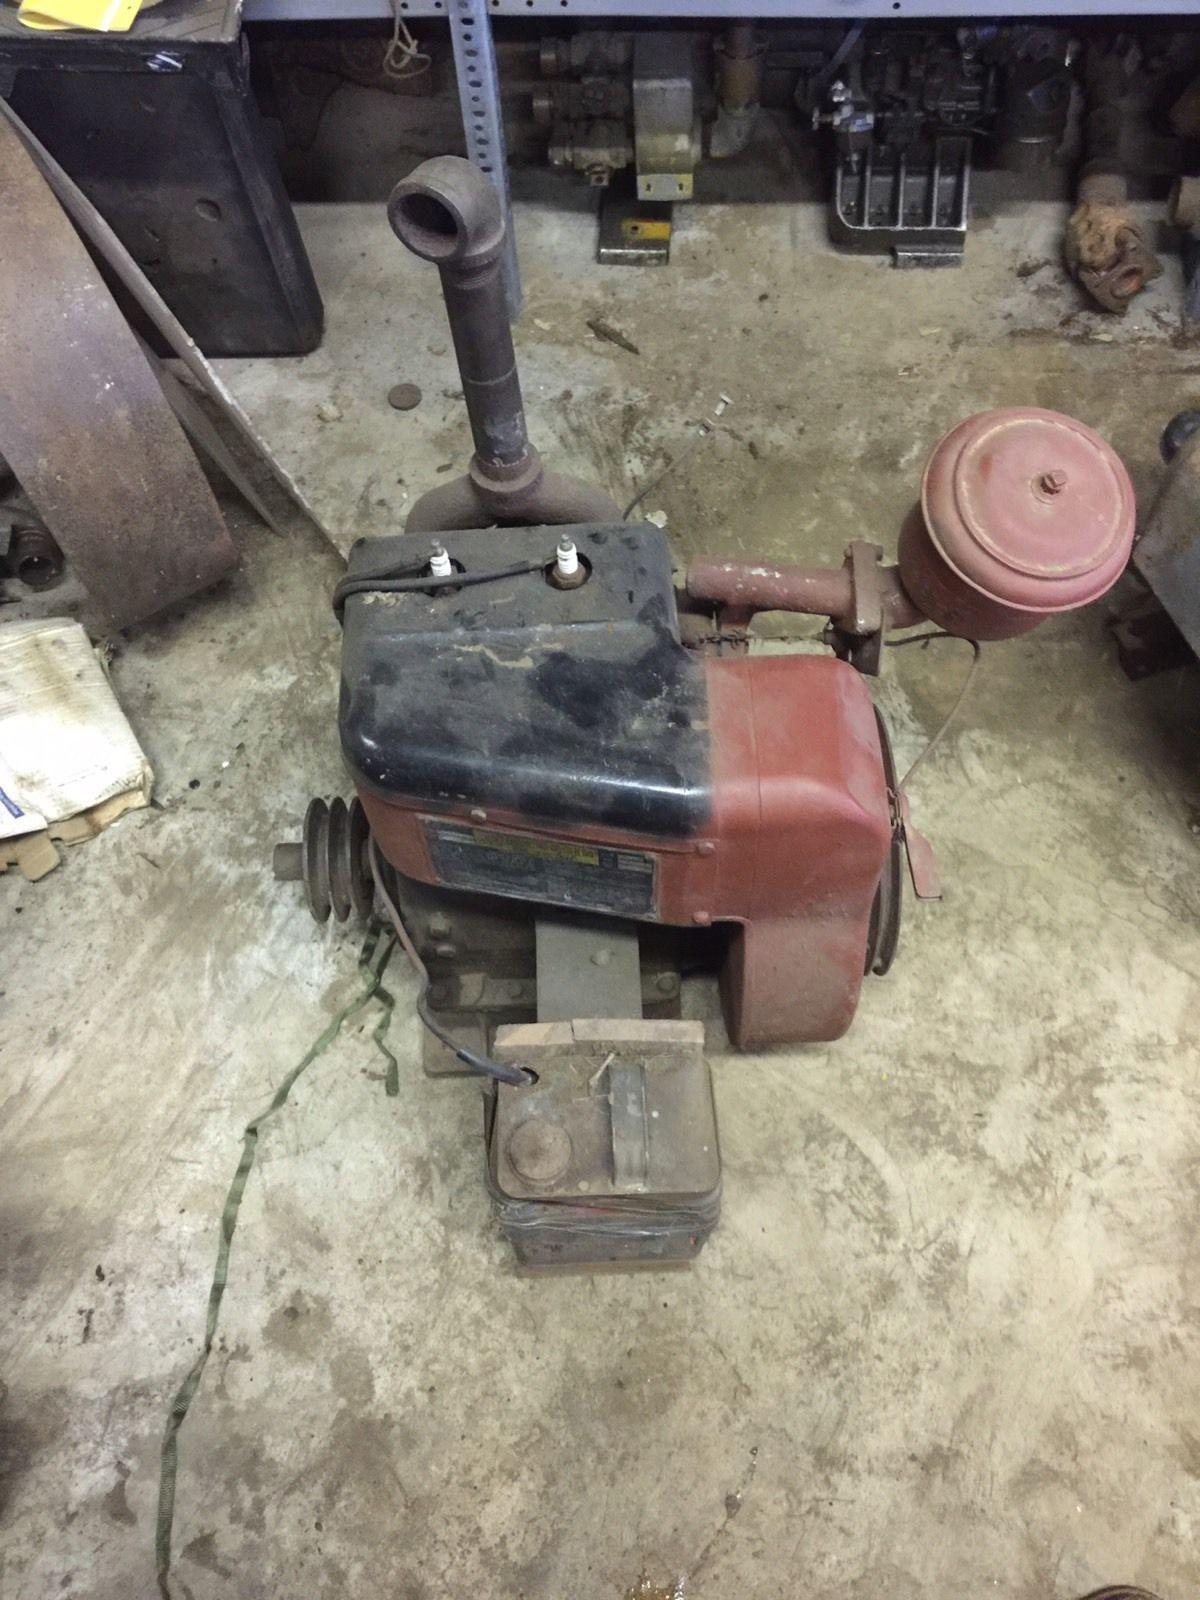 Details about Vintage Clinton 2 Stroke Engine, Model 500   Garage